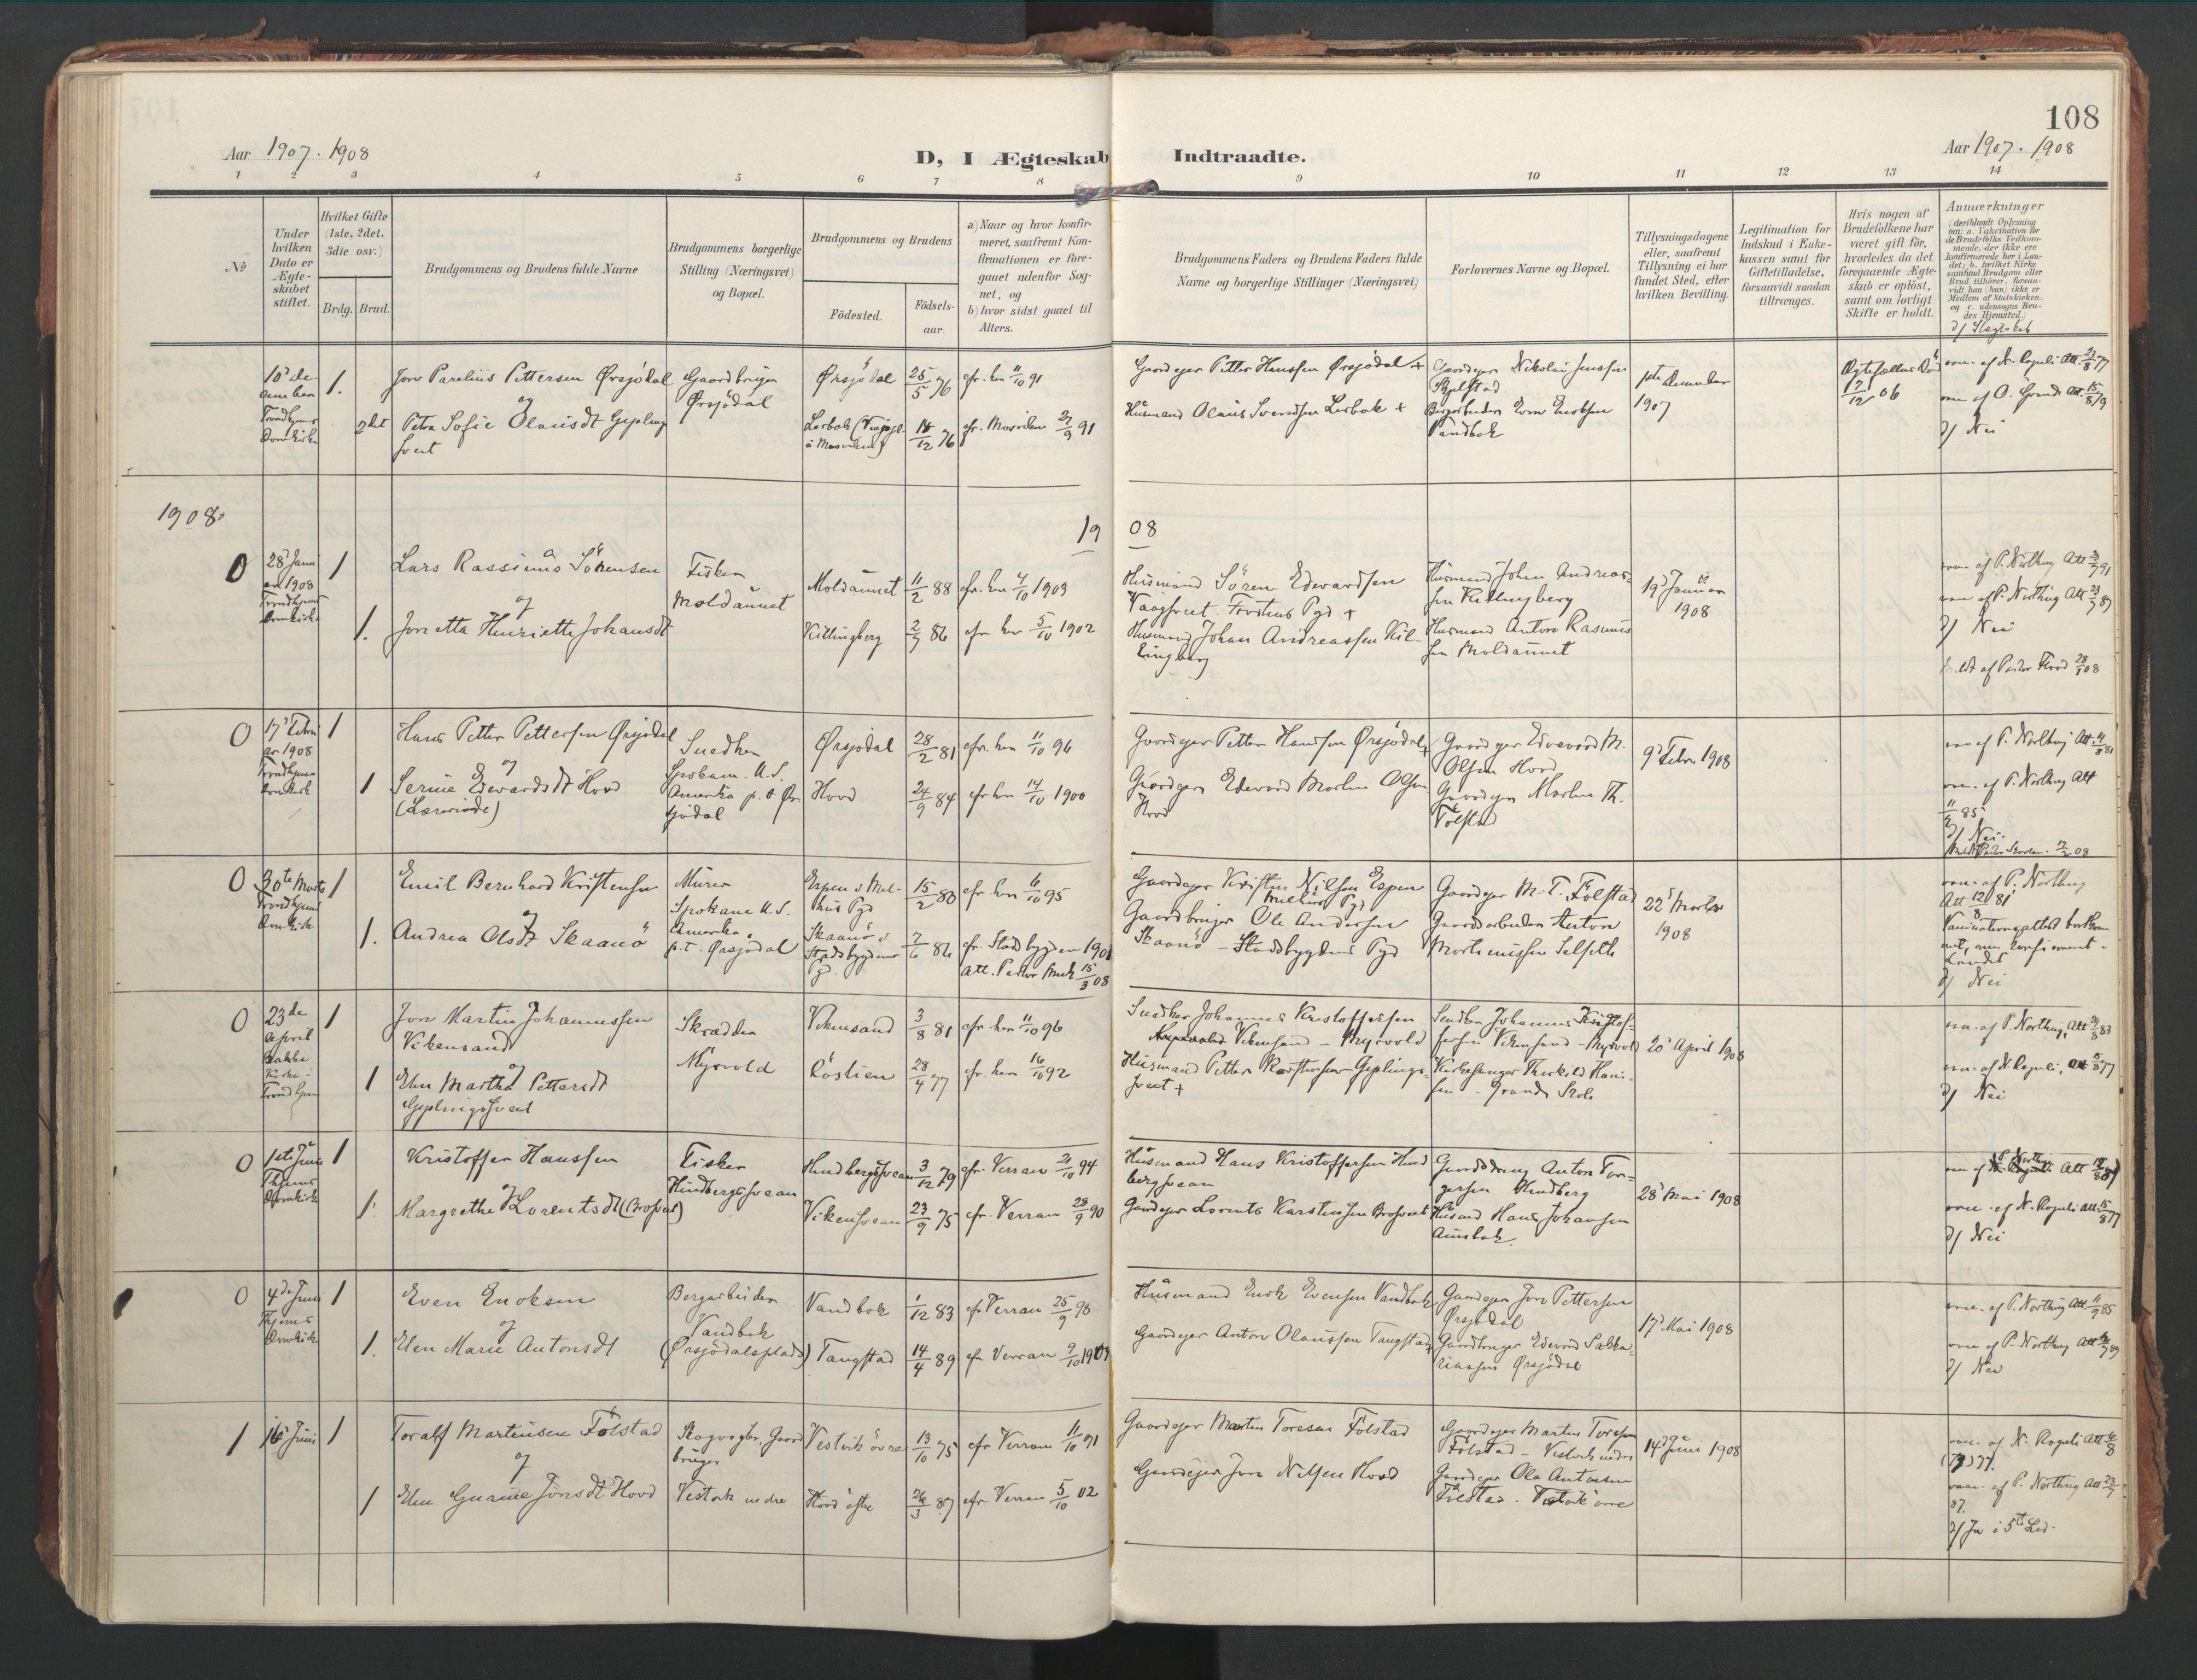 SAT, Ministerialprotokoller, klokkerbøker og fødselsregistre - Nord-Trøndelag, 744/L0421: Ministerialbok nr. 744A05, 1905-1930, s. 108